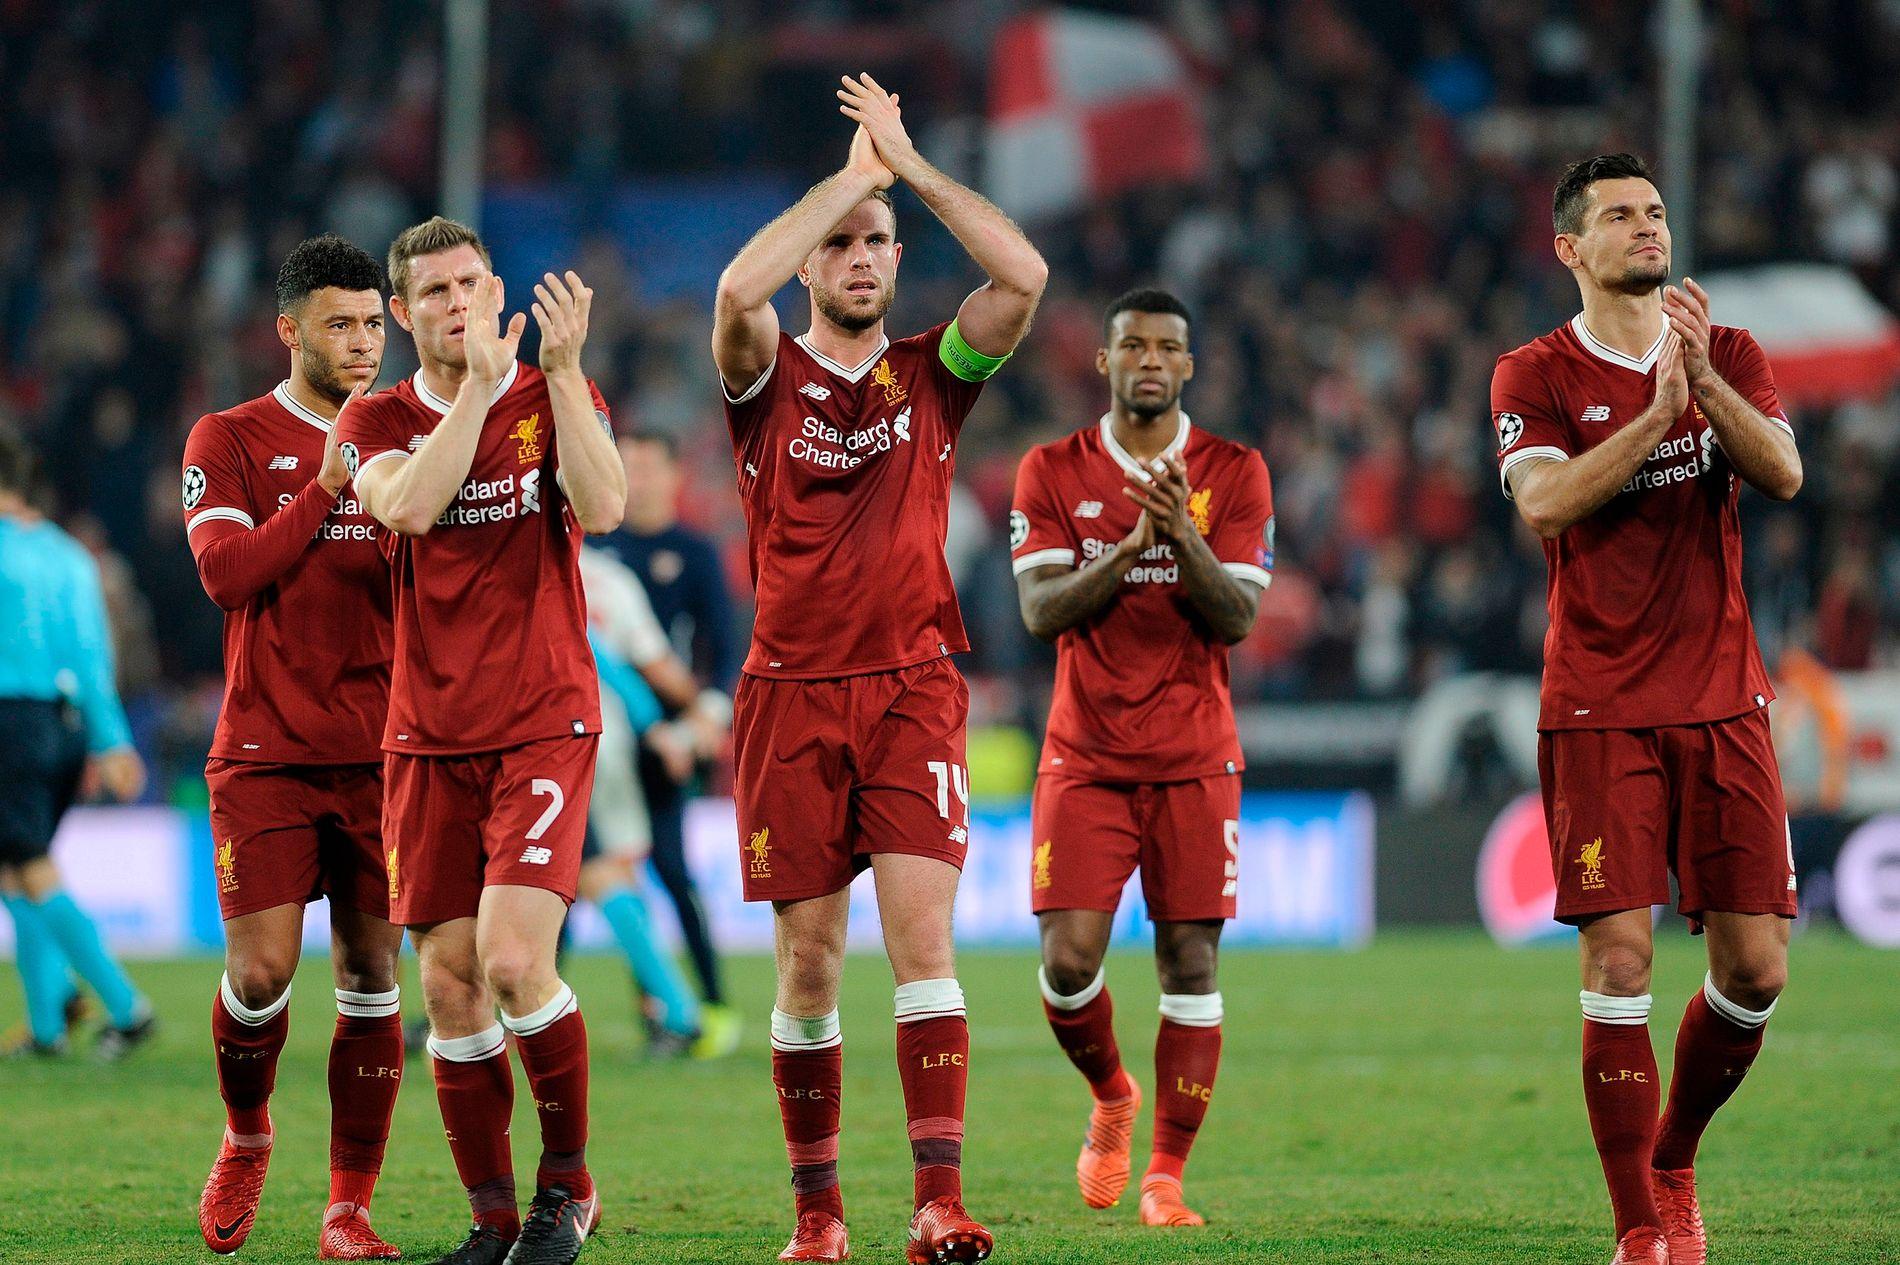 cb416ef5 FALT SAMMEN: Liverpool-spillerne takker for støtten etter bortekampen mot  Sevilla. En tilsynelatende trygg 3–0-ledelse ved pause ble til 3–3.